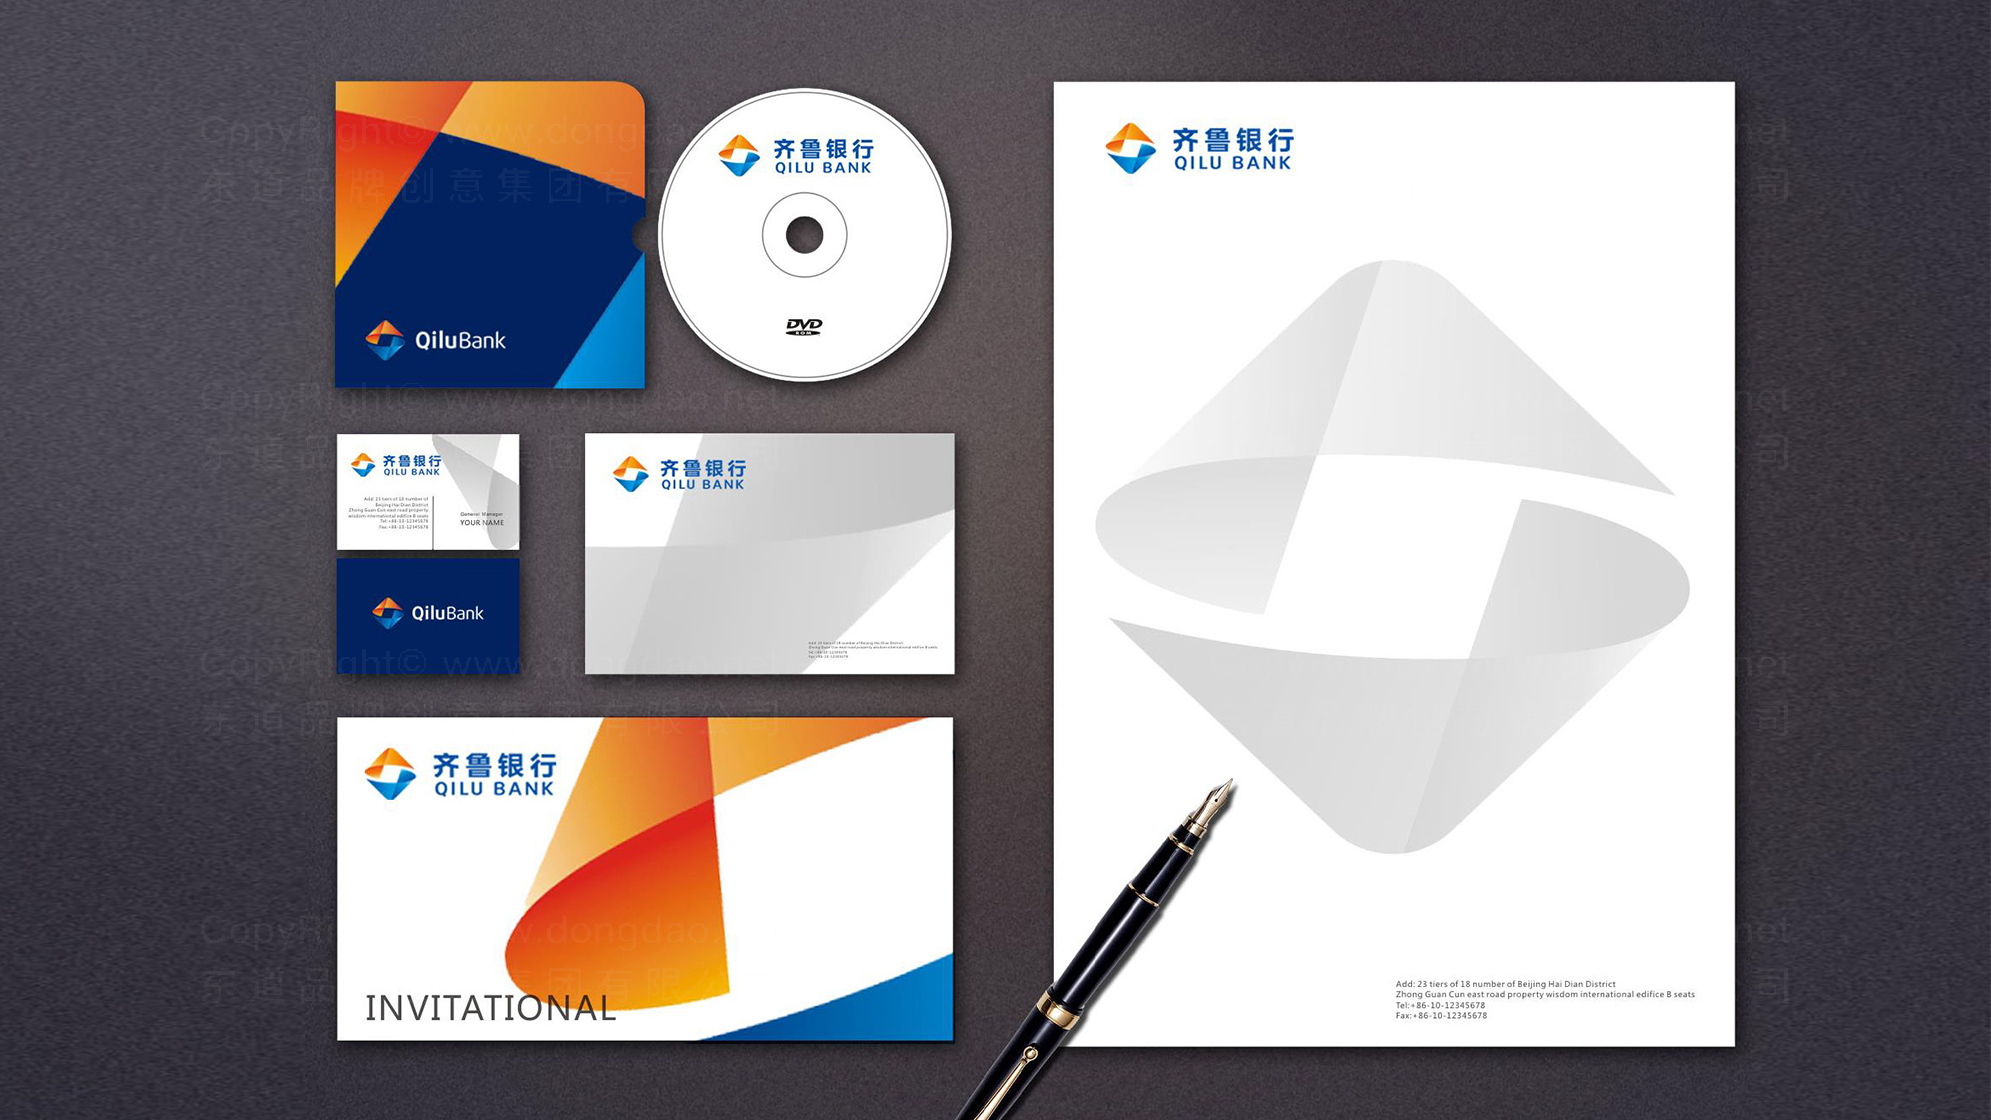 品牌设计齐鲁银行LOGO&VI设计应用